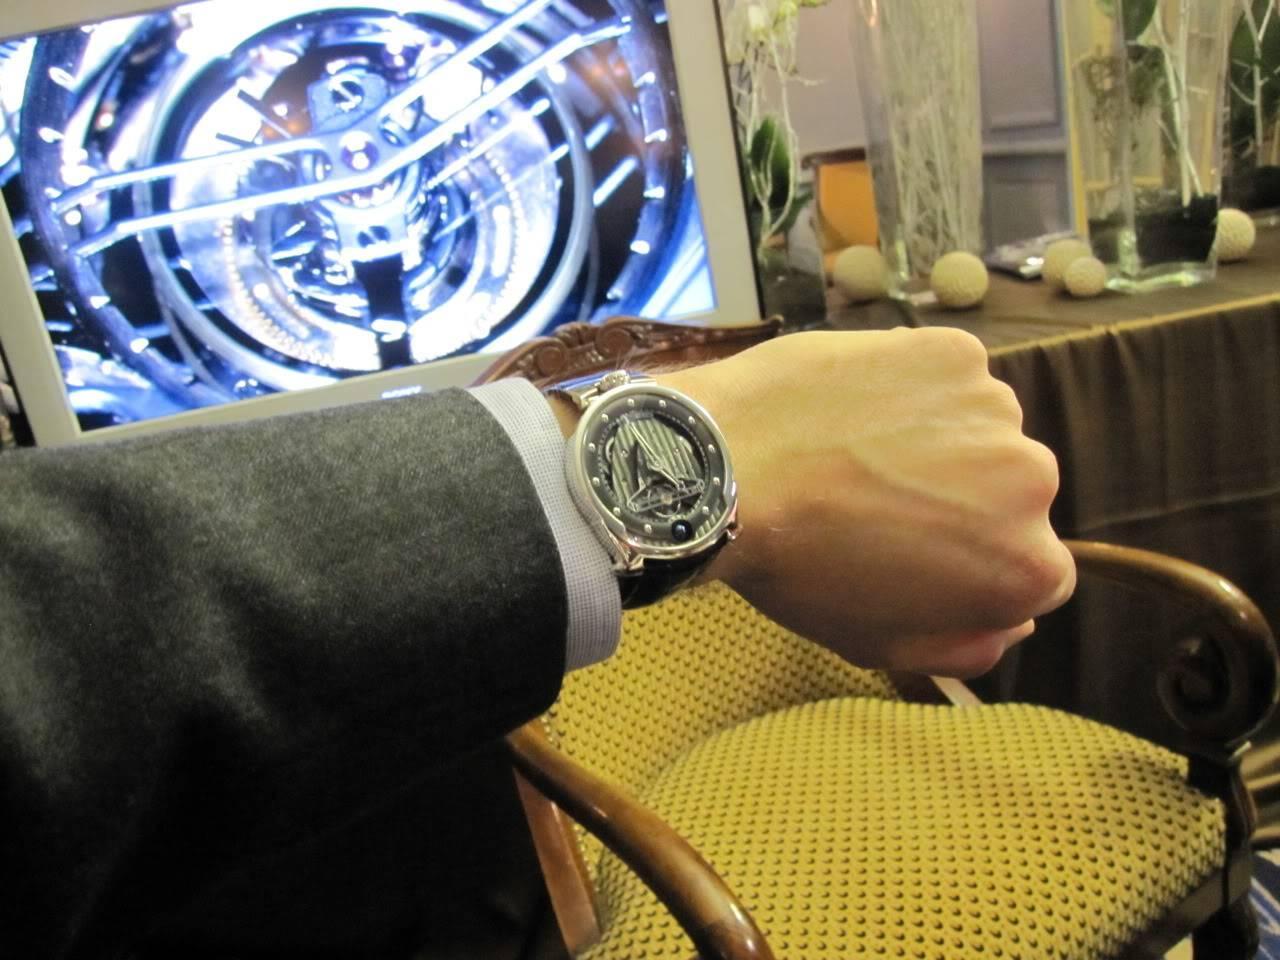 Où l'horlogerie devient art... (De Bethune inside) - Page 2 DB_SIHH2010_031